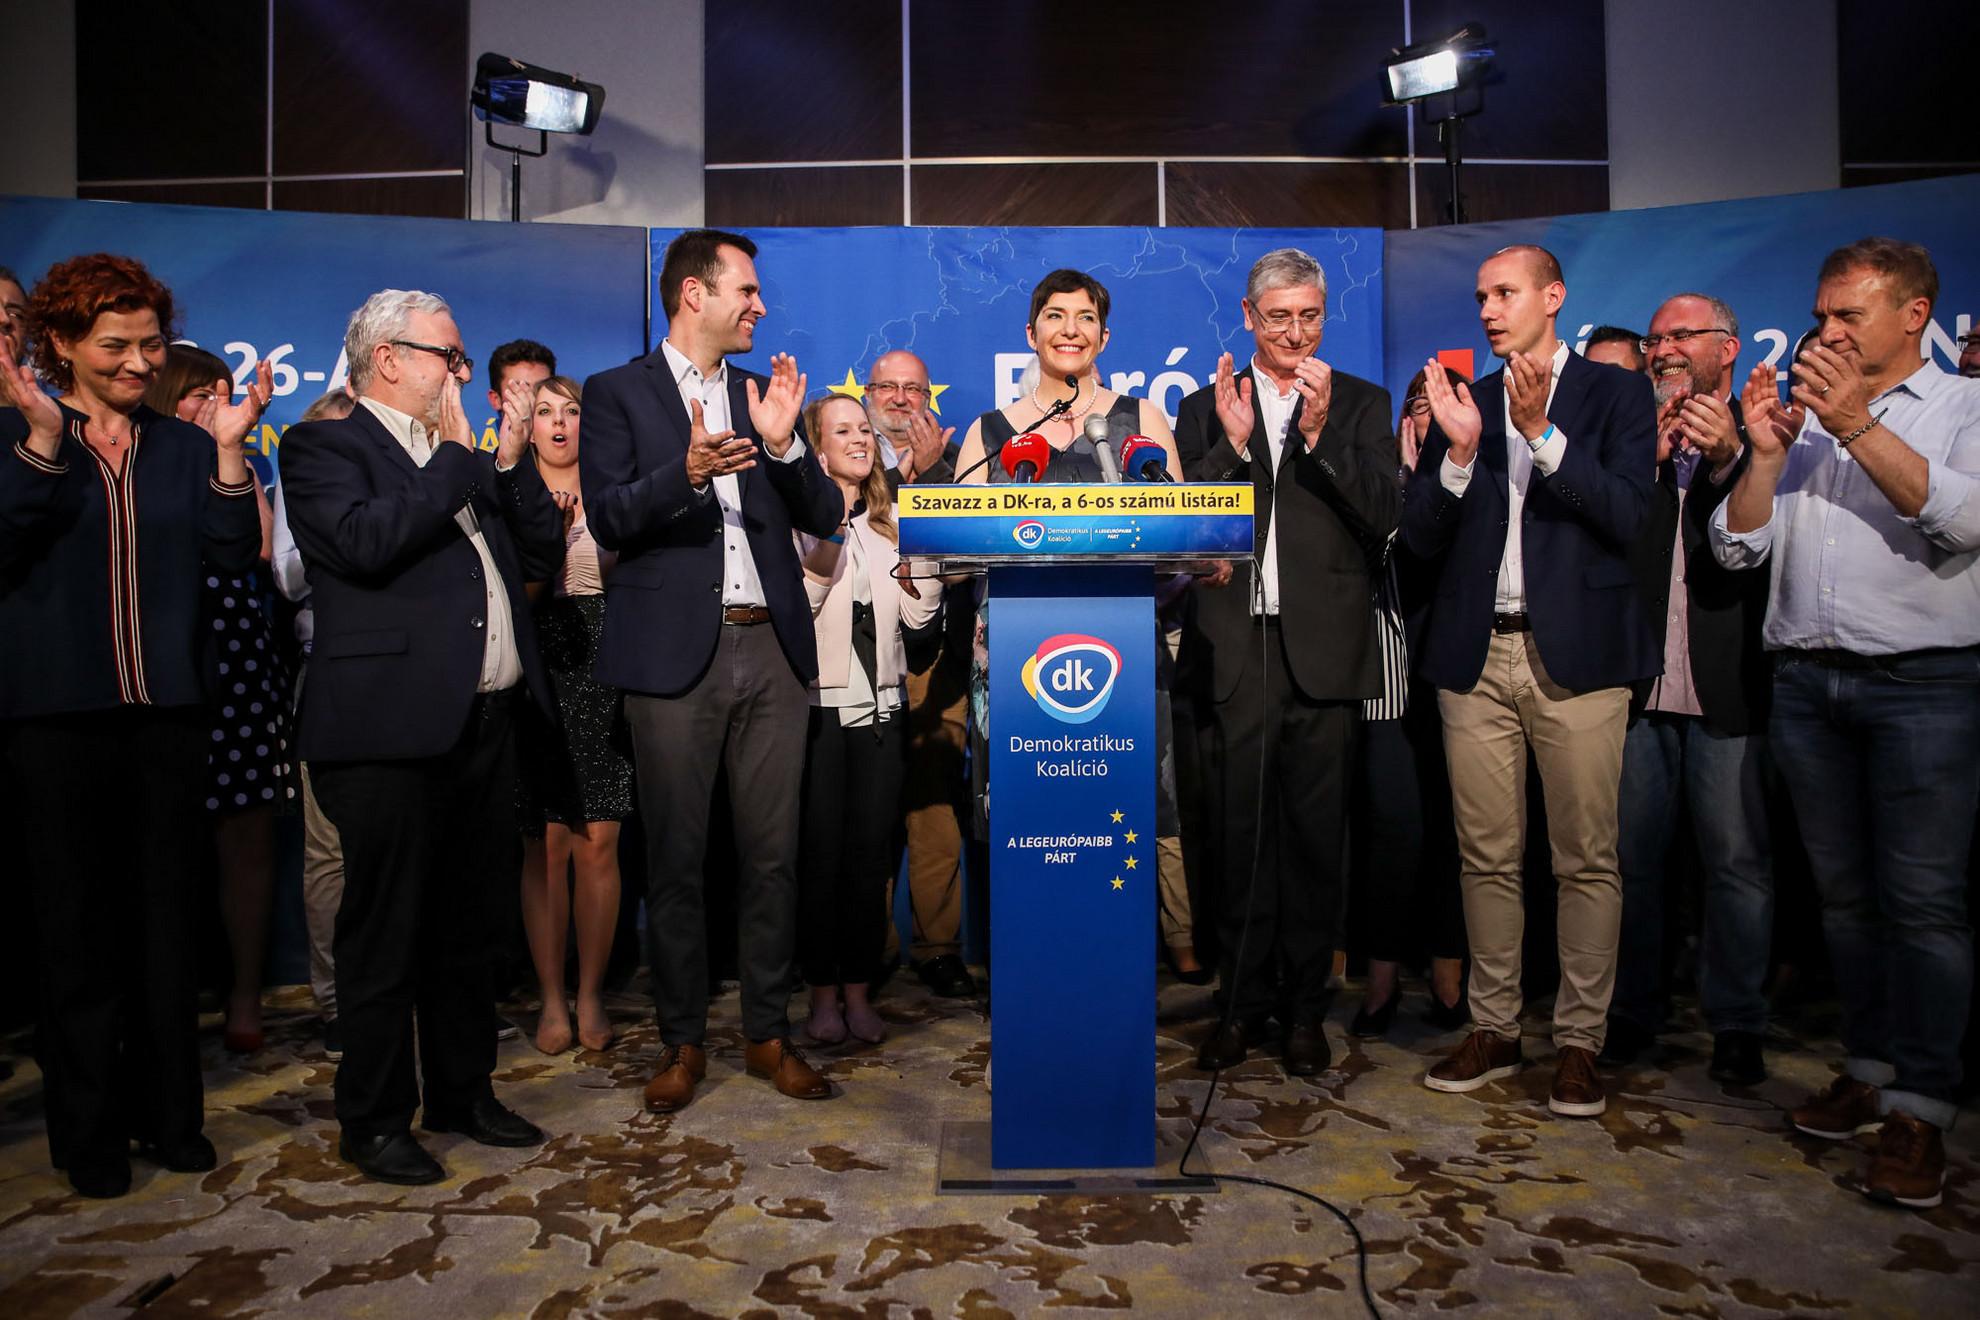 """A nem várt, több mint tizenhat százalékos eredmény talán magát a DK-t is meglepte. A megszerzett négy képviselői helyüket a Fidesz-KDNP tizenhárom mandátumával szemben egyenesen """"győzelemként"""" értékelték"""